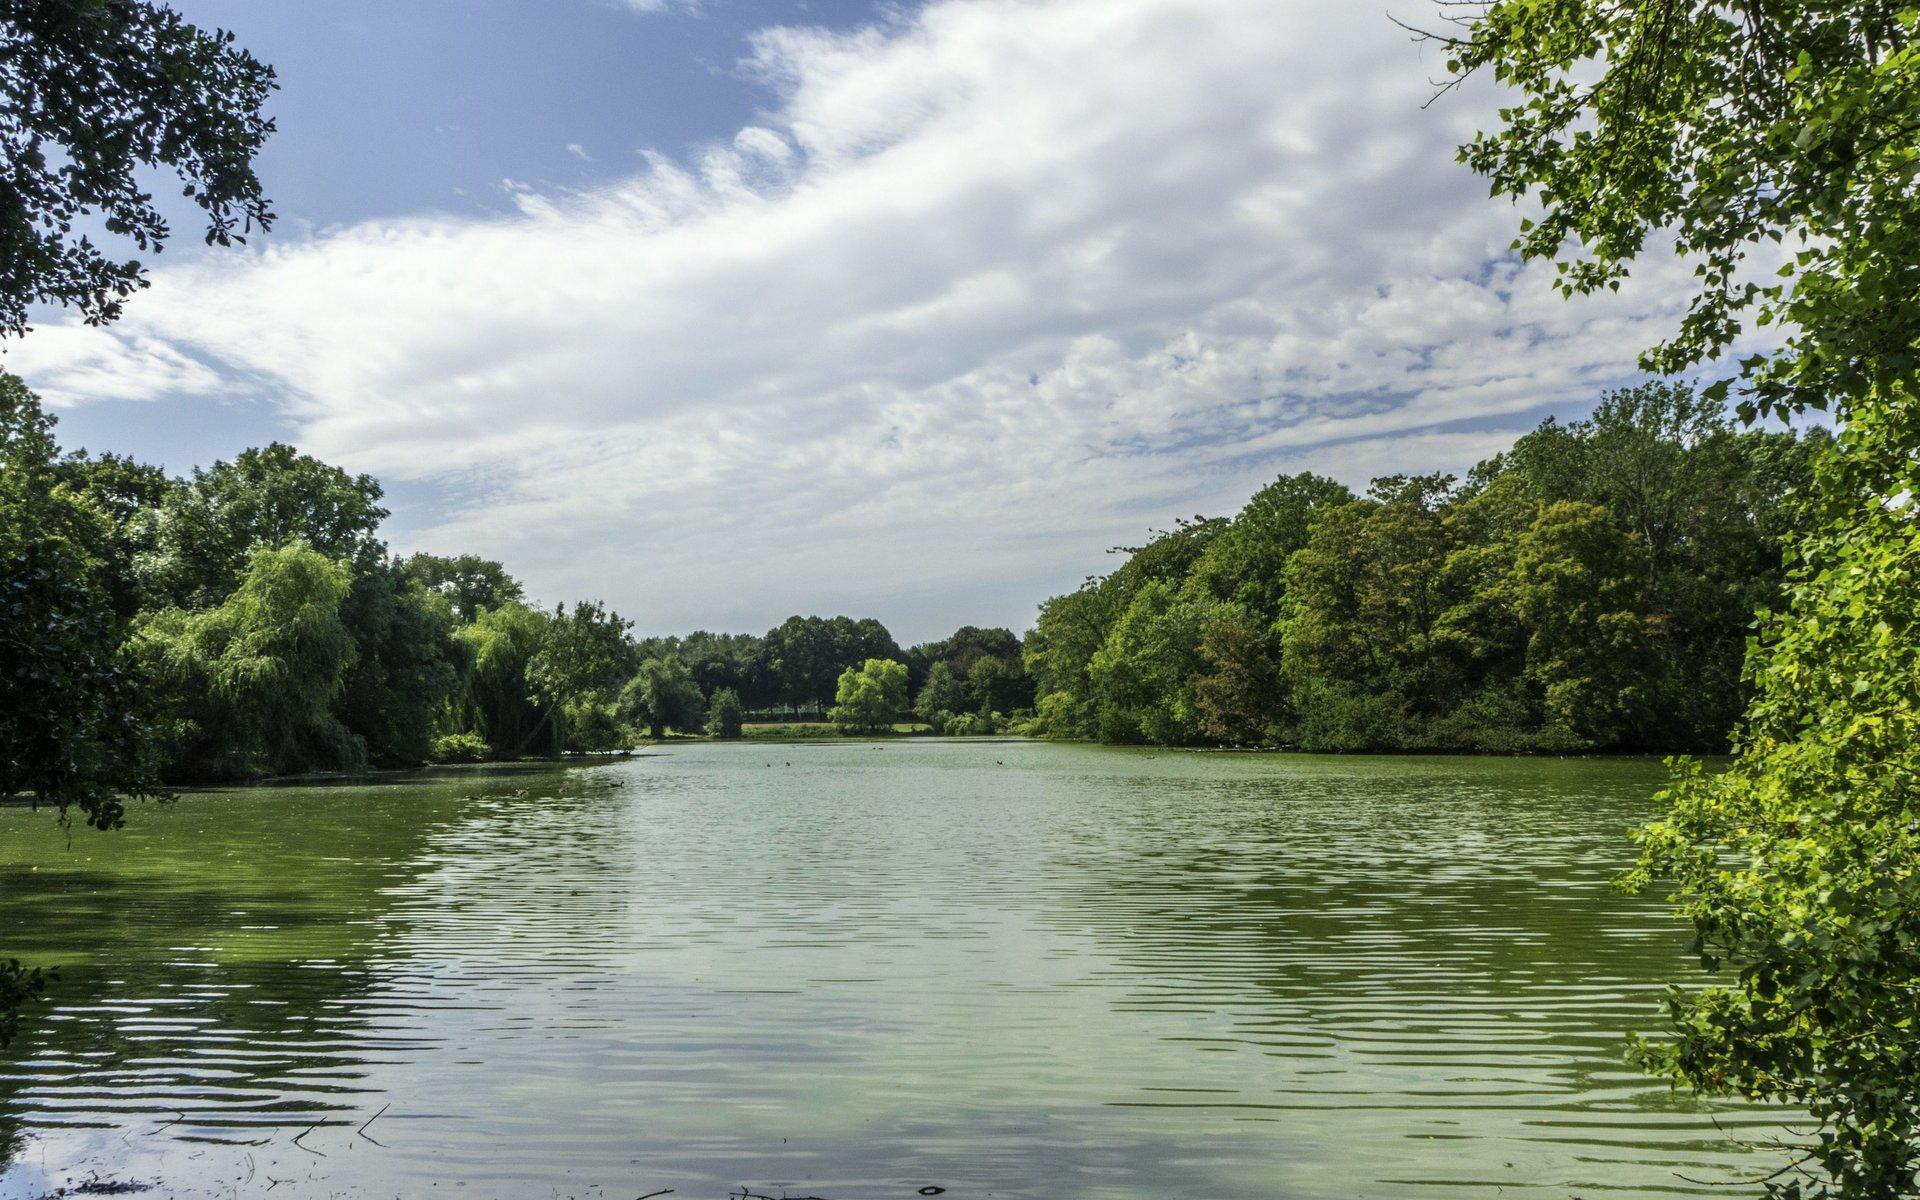 Teich Bürgerpark in Braunschweig